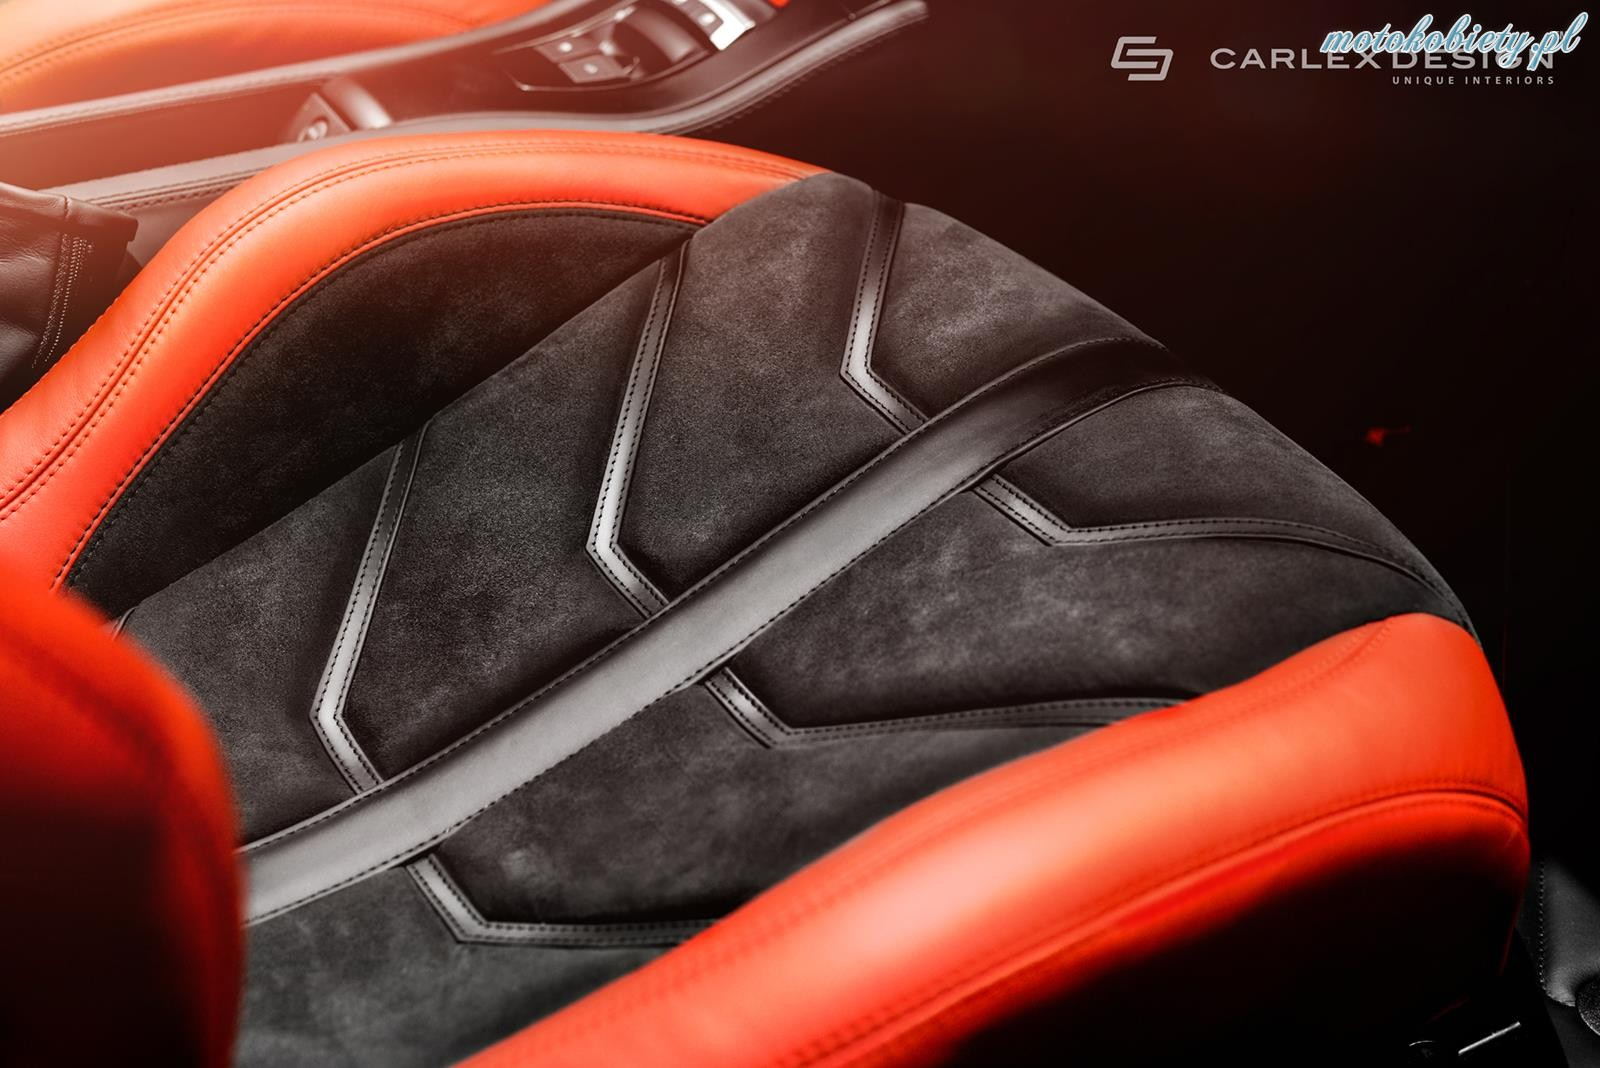 Ferrari 458 Carlex Design